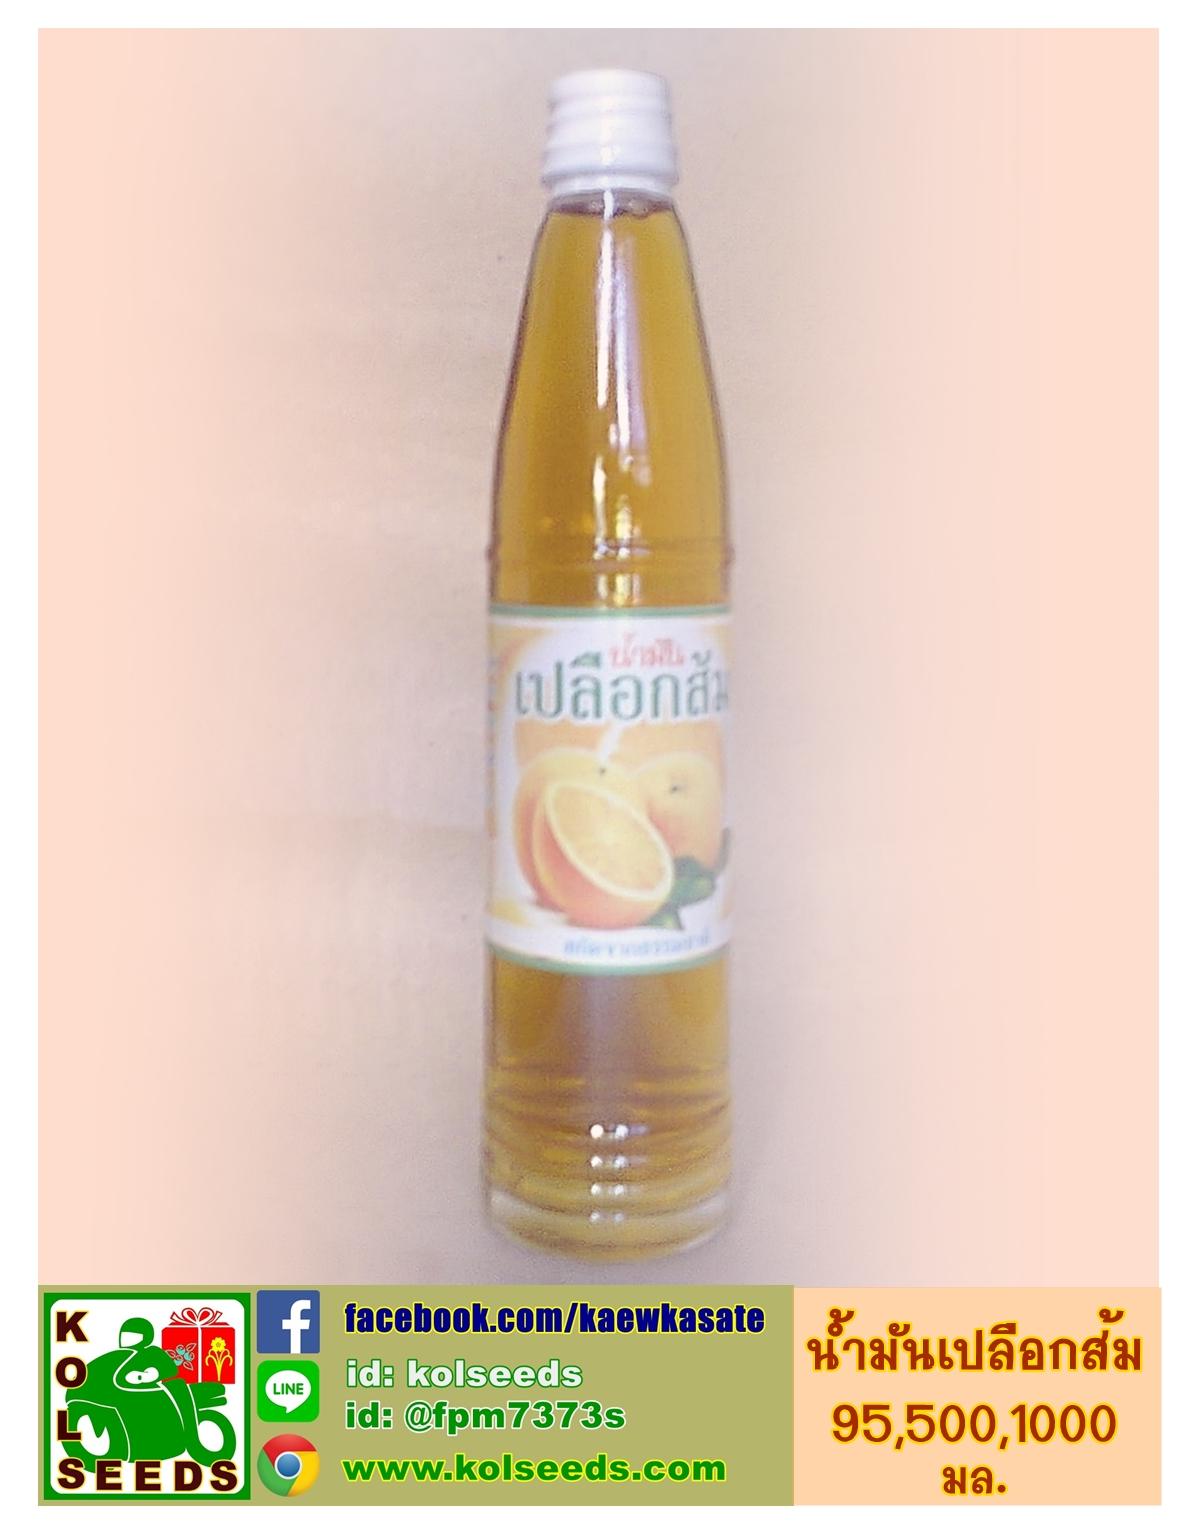 น้ำมันผิวส้มสกัดบริสุทธิ์จากธรรมชาติ 100% ปราศจากสารเคมี ใช้รับประทาน อมบ้วนปากล้างพิษ ใช้นวดผ่อนคลายกล้ามเนื้อ